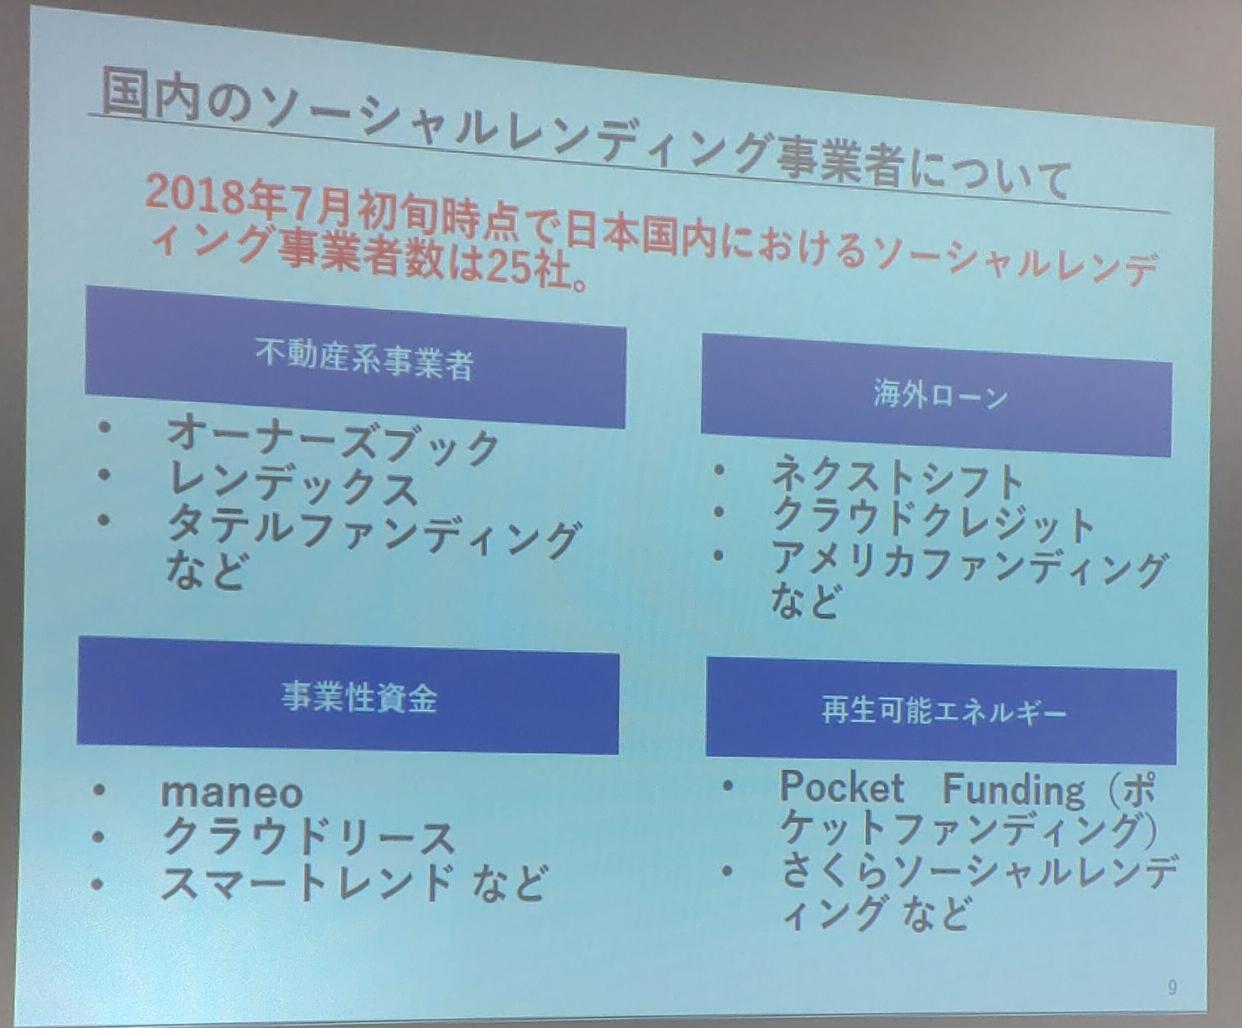 ネクストシフトファンドセミナー参加報告20181011_28